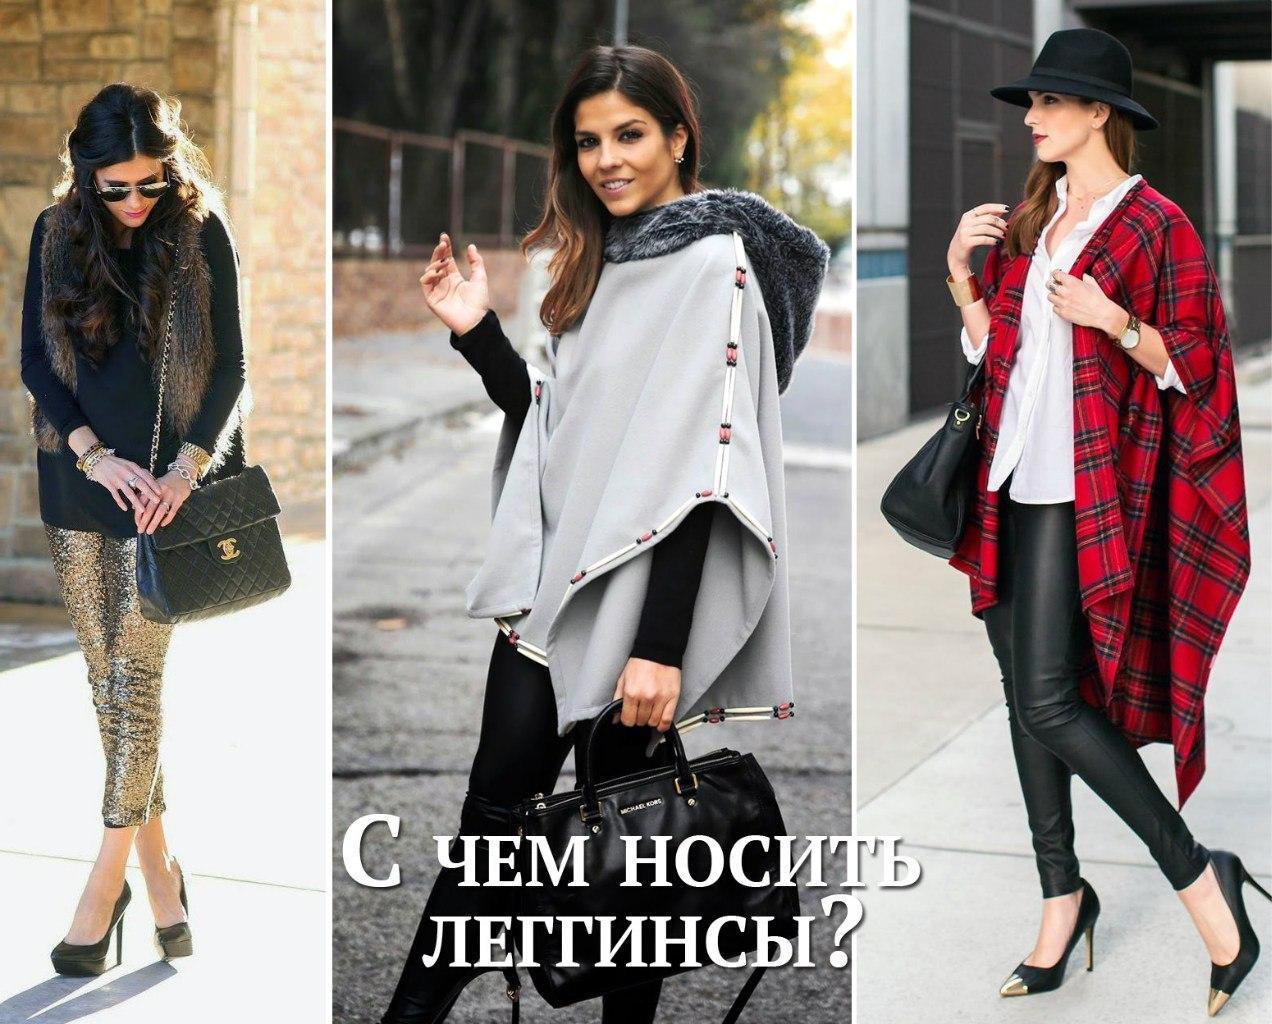 С чем носить кожаные леггинсы: подборка интересных образов с примерами рекомендации